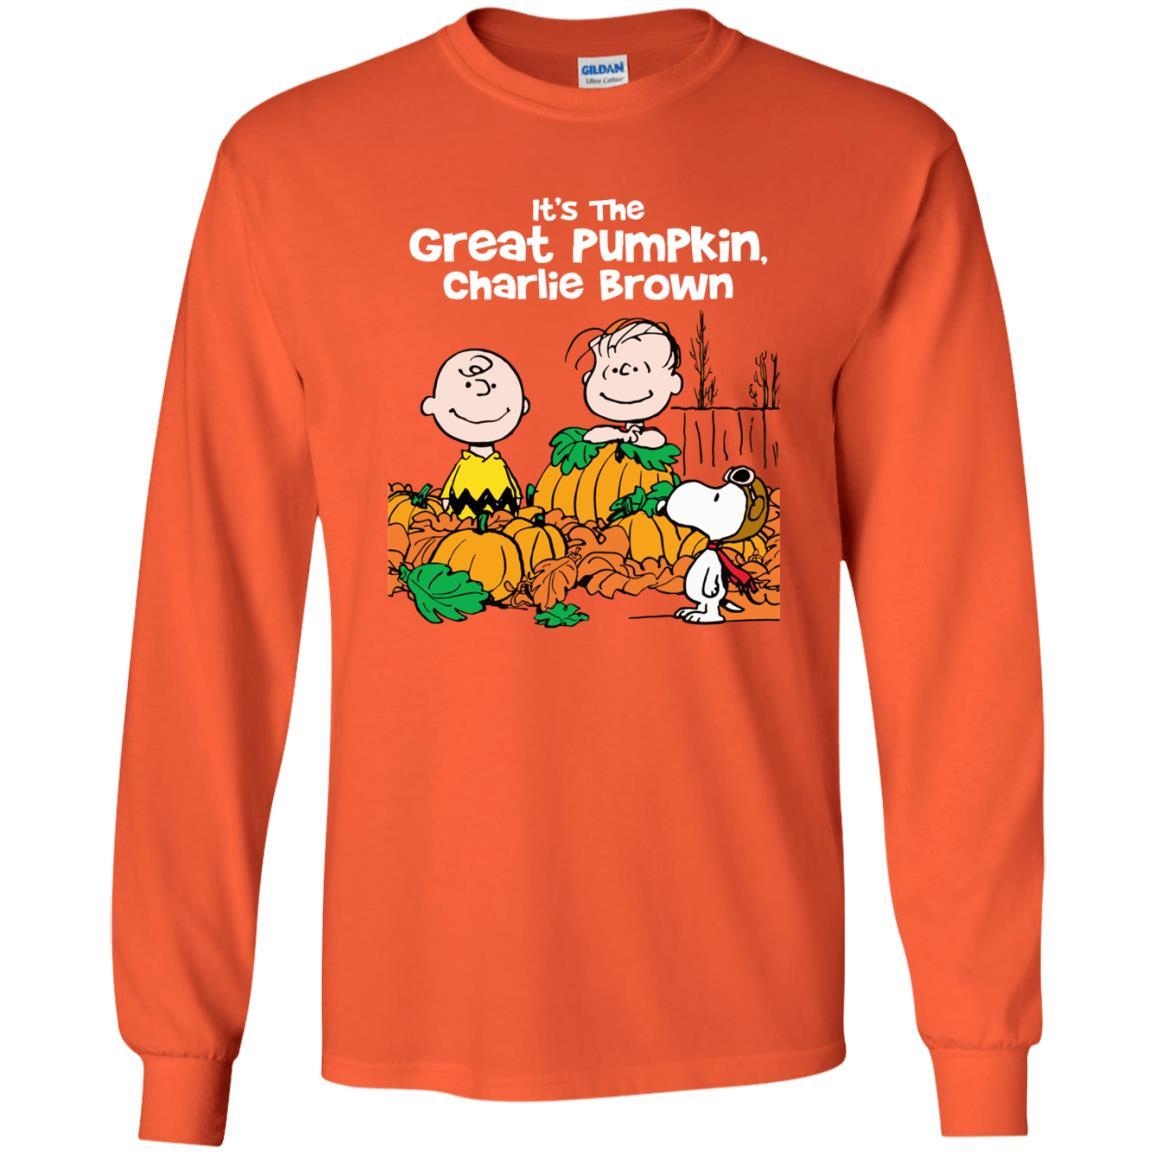 image 256 - It's the Great Pumpkin Charlie Brown shirt, hoodie, tank